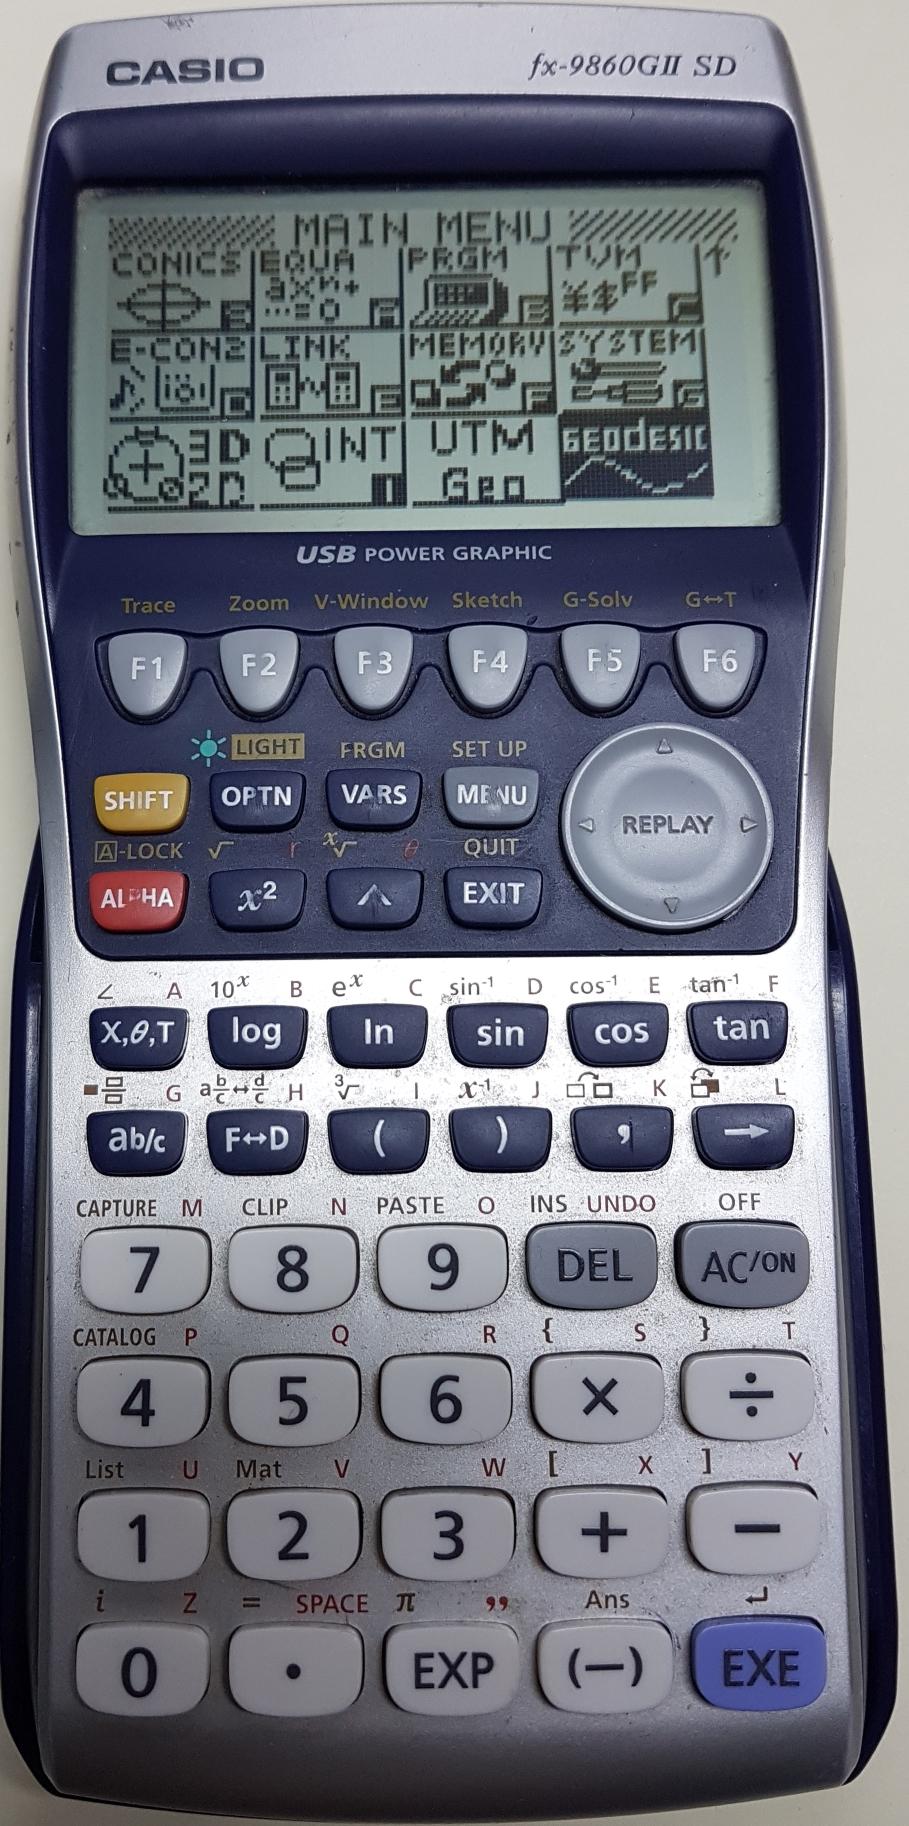 ติดปีกเครื่องคิดเลขเทพ Casio fx 9860G II SD ด้วยโปรแกรมภาษาซีบน AddIn ตอนที่ 3 โปรแกรมคำนวณหาระยะทางจากค่าพิกัดภูมิศาสตร์ (Geodetic Dist Calc)